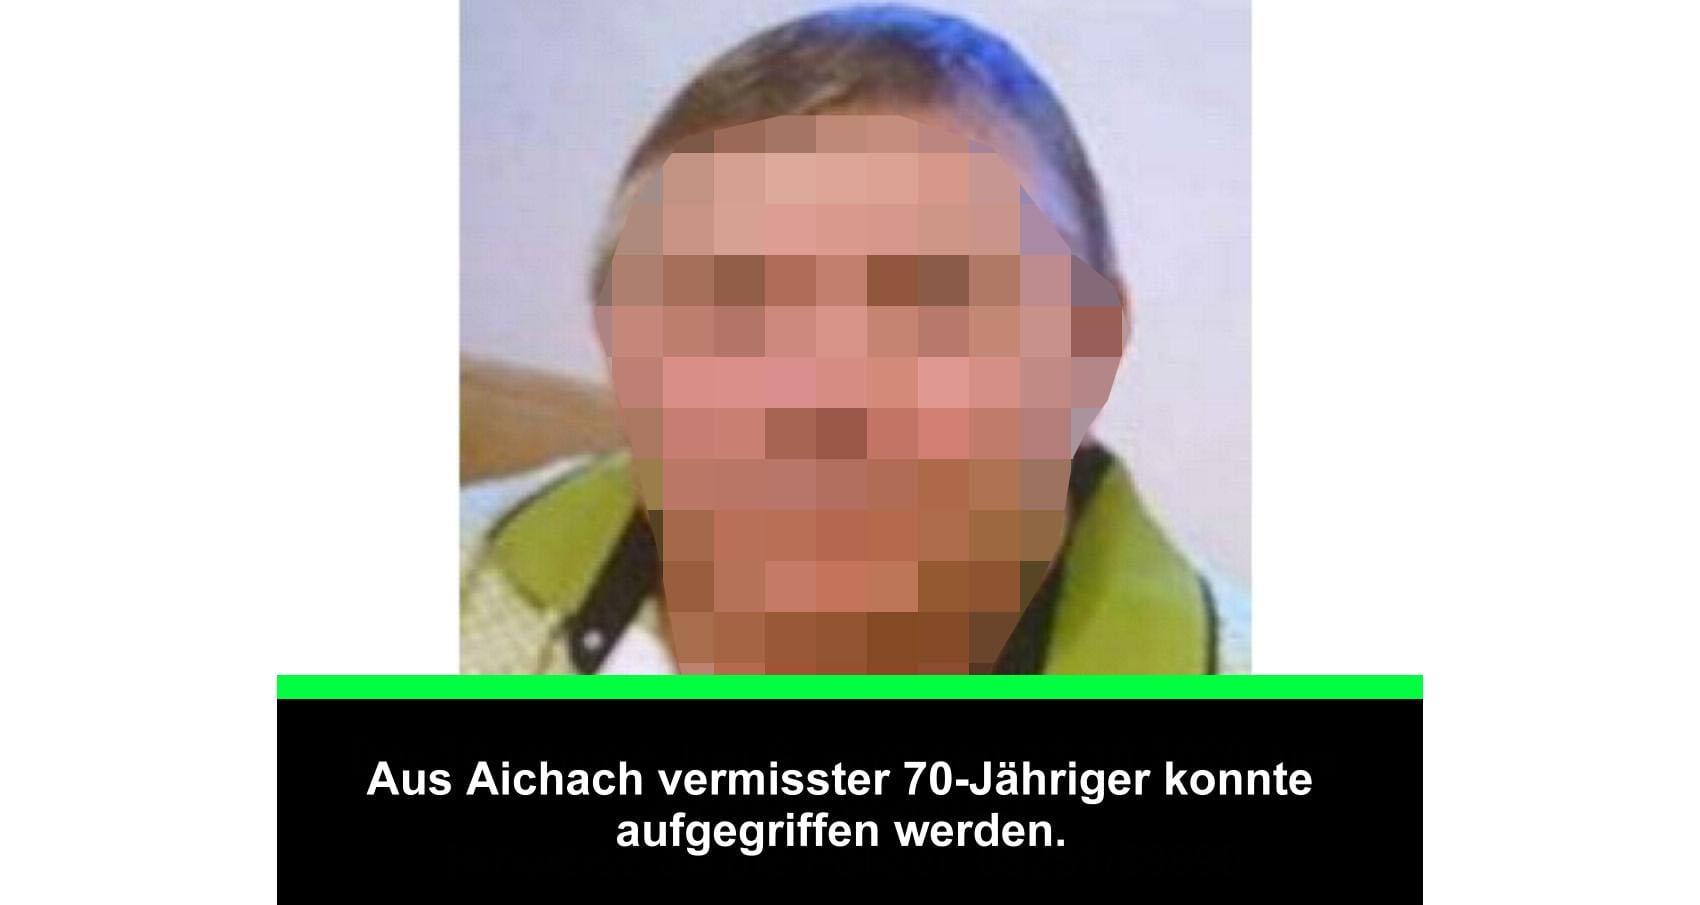 Vermisst Aichach